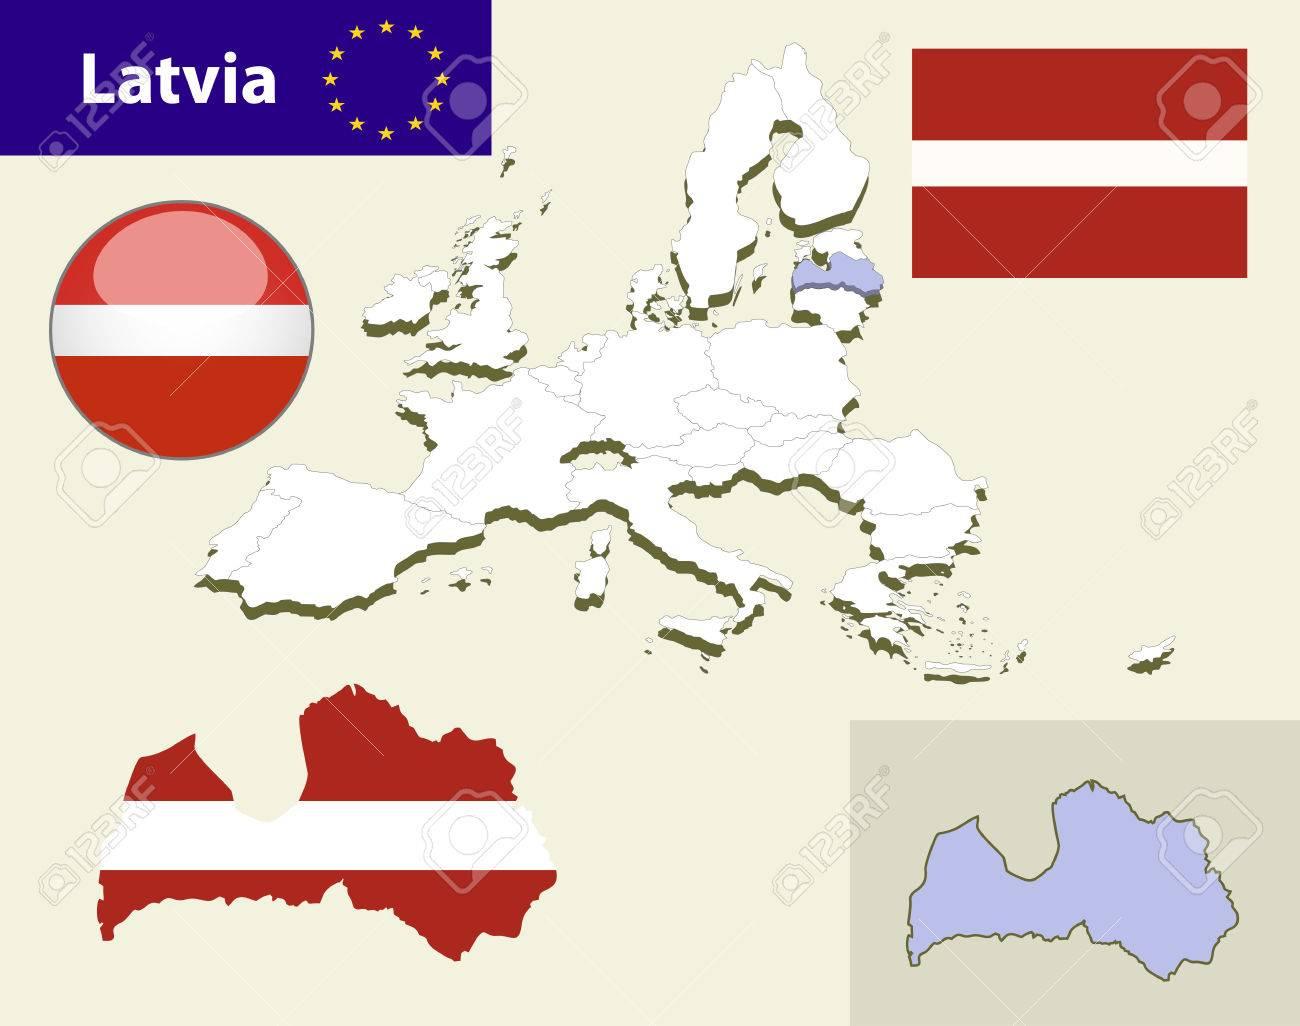 Carte Des Pays De L'union Européenne, Avec Chaque Sélectionnable Facile De  L'etat Et Modifiable. Lettonie. Glossy Button Lettonie Flag - De Vector pour Carte Des Pays De L Union Européenne